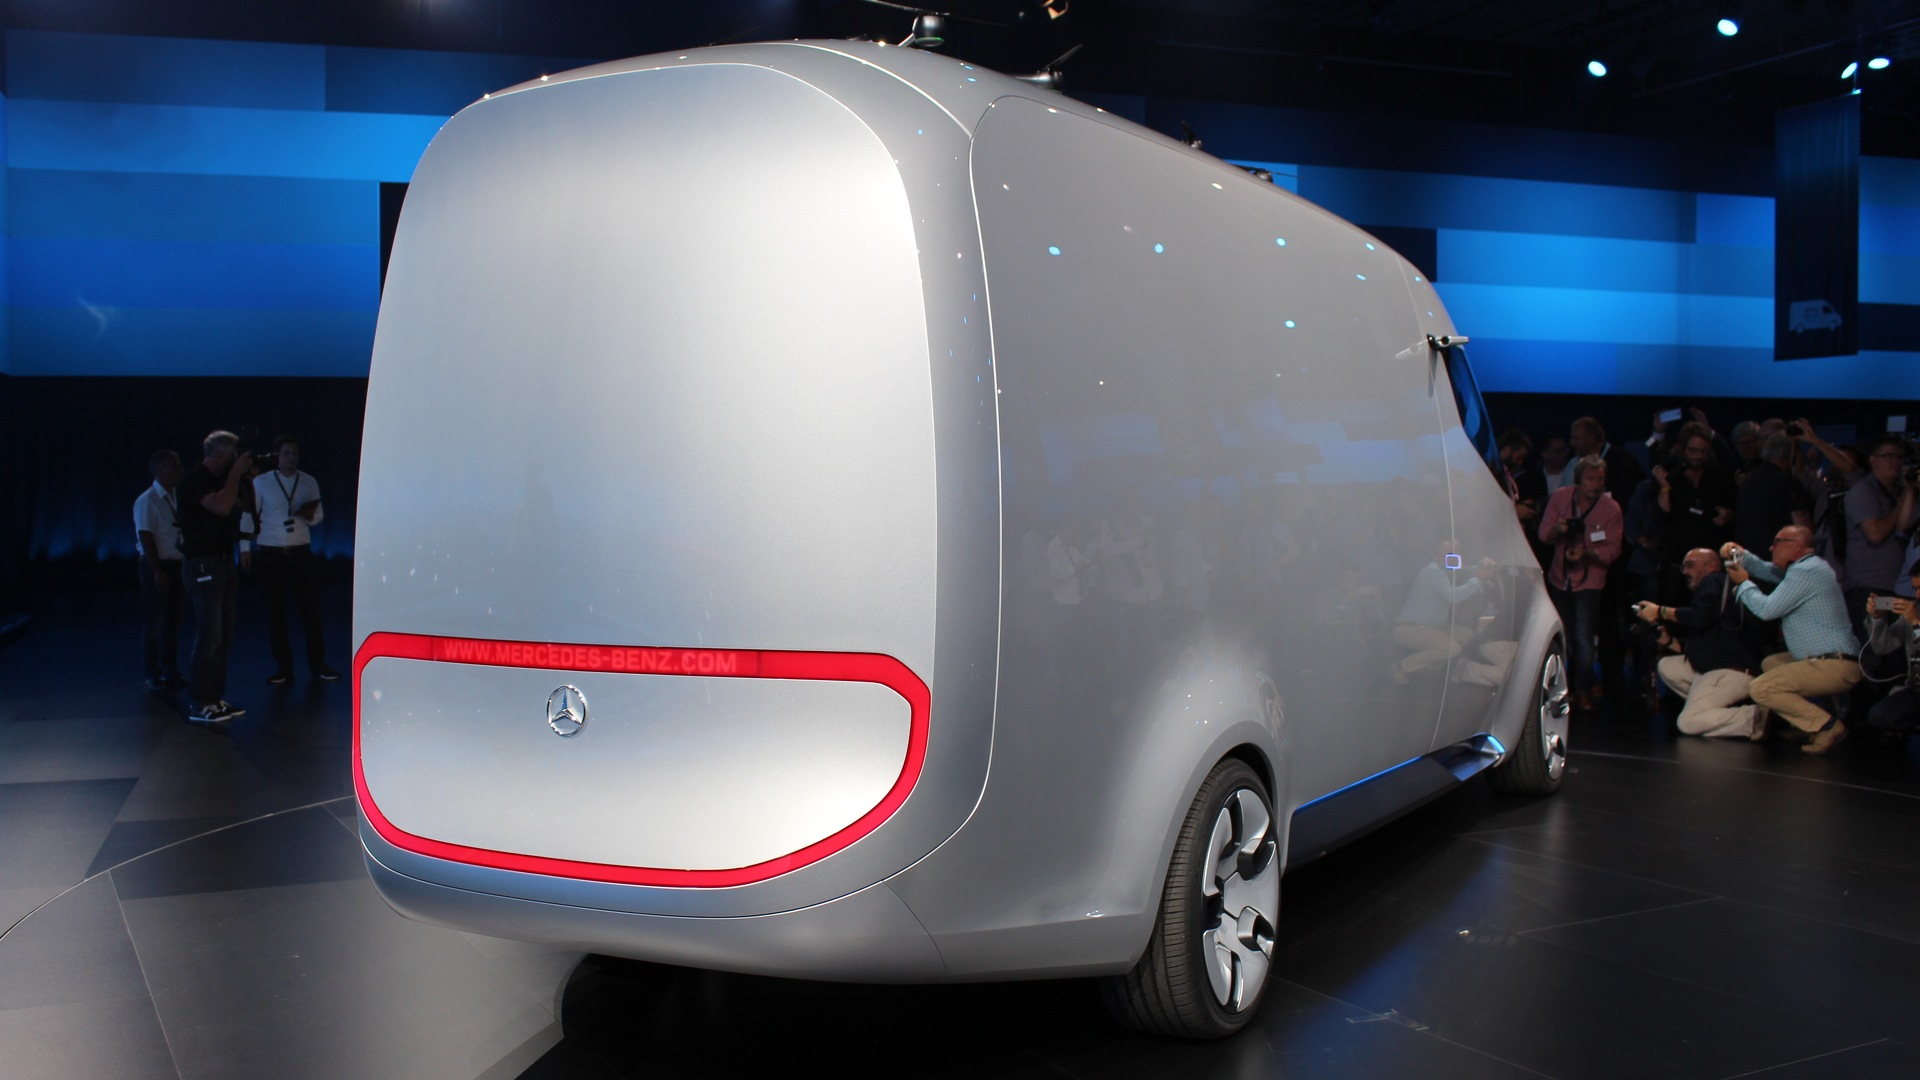 mercedes-benz-vision-van-concept-17 - avtovesti.com